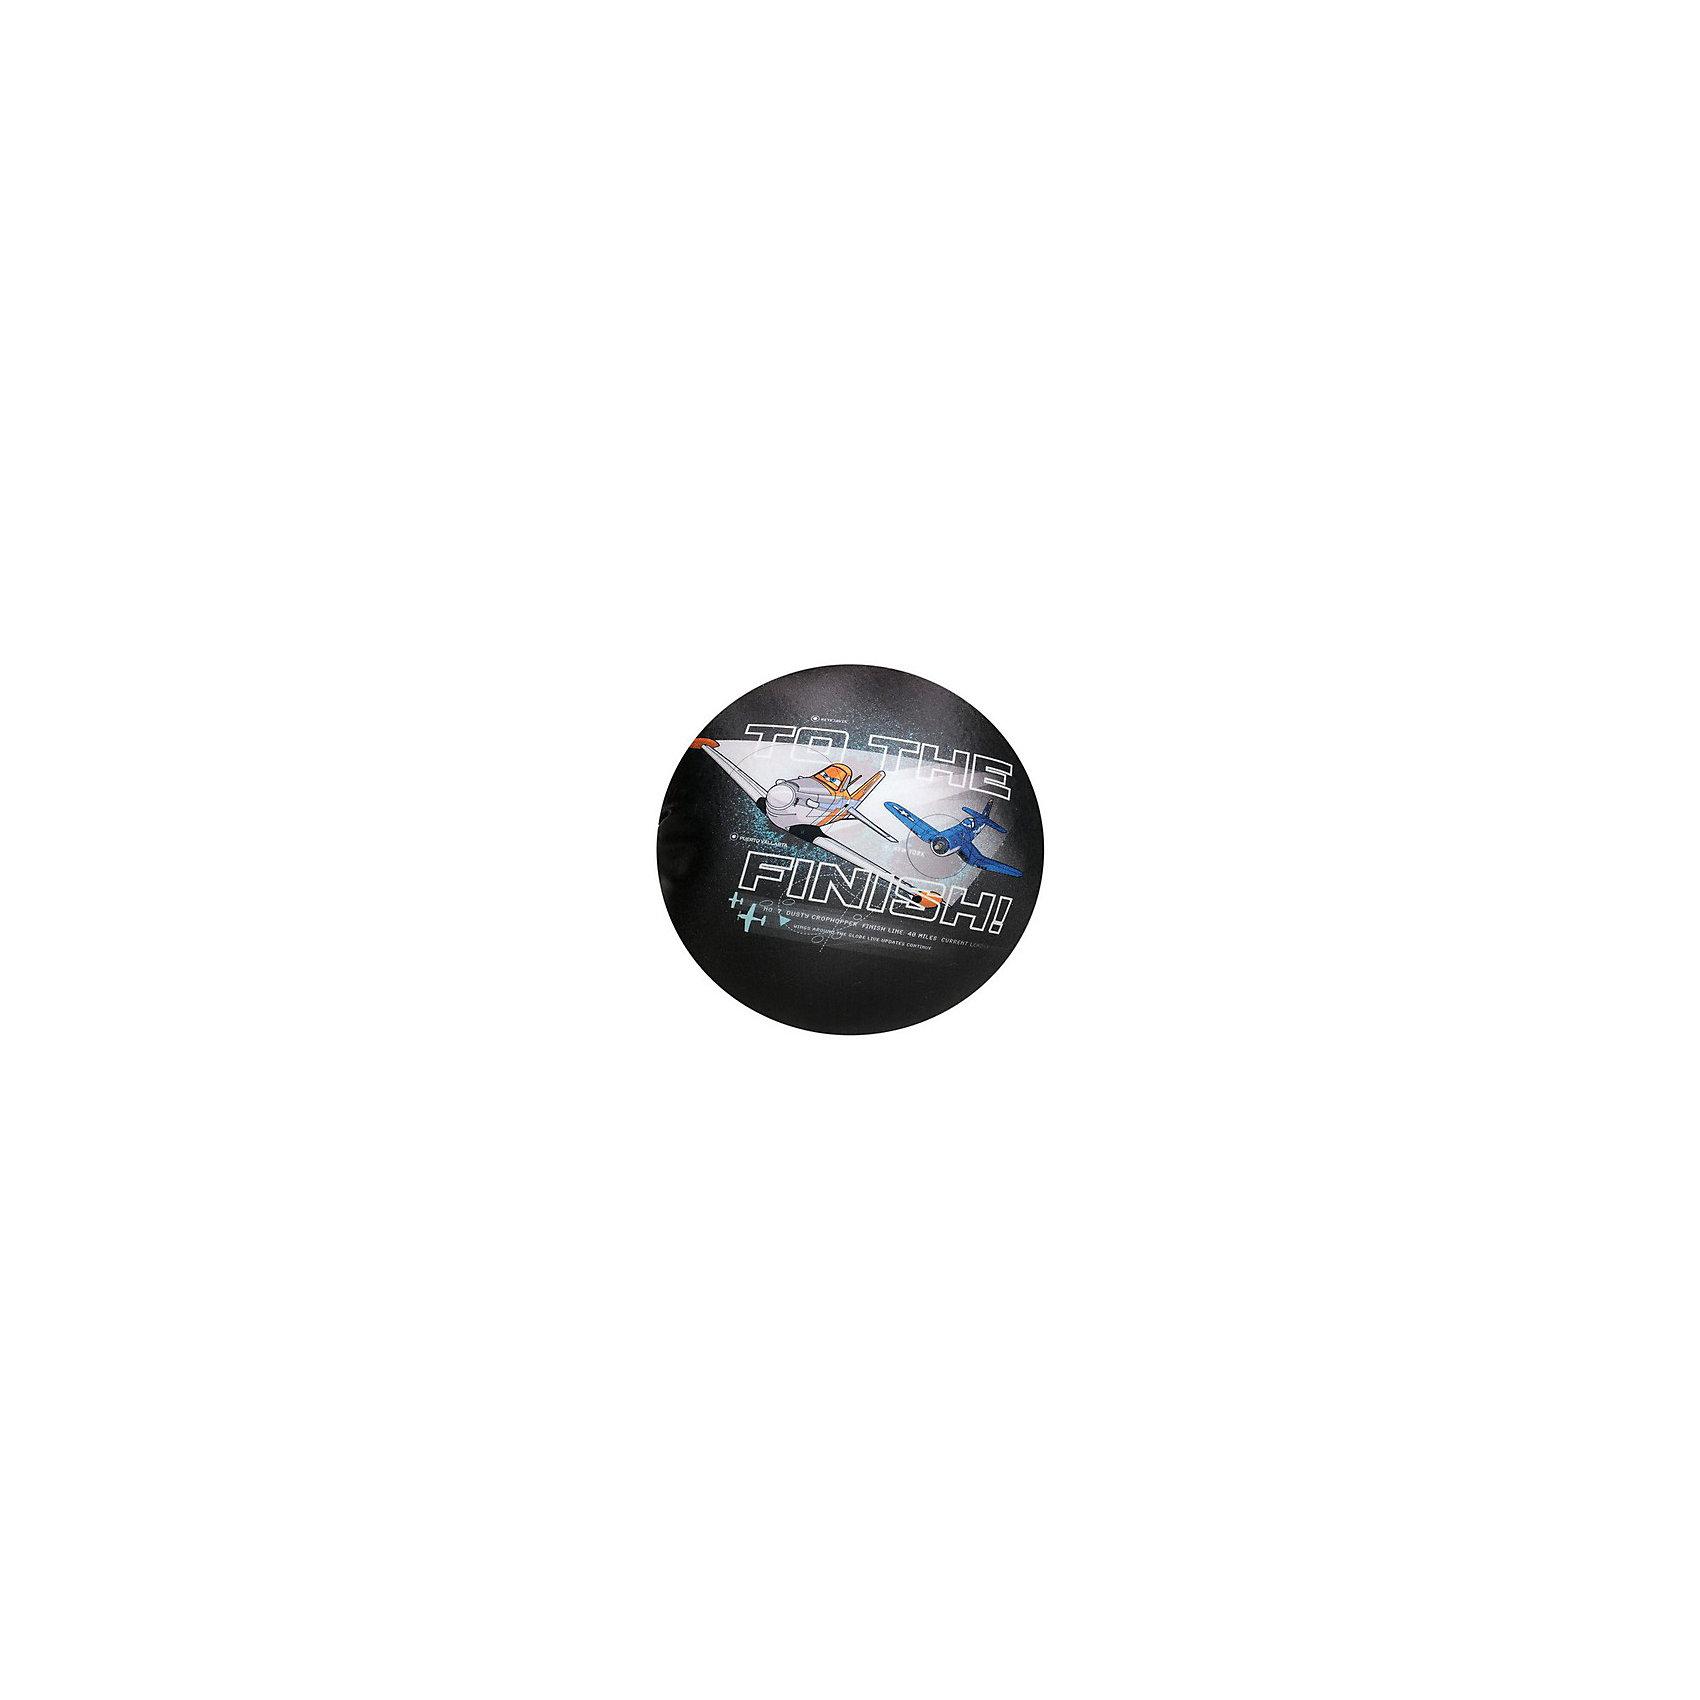 Подушка антистресс Самолеты В31, арт. 52757, Small Toys, черныйХарактеристики товара:<br><br>• материал: текстиль, шарики полистирол<br>• размер: 30х30х10 см<br>• украшена принтом<br>• эффект массажа<br>• страна бренда: Российская Федерация<br>• страна производства: Российская Федерация<br><br>Думаете, что подарить? Красивая и качественная подушка может отличным подарком ребенку или взрослому, тем более, если она украшена изображением любимого персонажа. Подушка сделана из приятного на ощупь материала и специального наполнителя - гранул полистирола, которые приятно пересыпаются внутри неё.<br>Такое изделие сможет оказывать точечный массаж ладошек, если держать её в руках, развивать моторику и отвлекать ребенка при необходимости. В поездках или дома на диване такая подушка поможет занять удобное положение и при этом будет приятно массировать шею. Подушка выполнена в приятной расцветке. Швы хорошо проработаны. Изделие произведено из сертифицированных материалов, безопасных для детей.<br><br>Подушку антистресс Самолеты В31, арт. 52757/Bk от бренда Small Toys можно купить в нашем интернет-магазине.<br><br>Ширина мм: 60<br>Глубина мм: 310<br>Высота мм: 310<br>Вес г: 60<br>Возраст от месяцев: 36<br>Возраст до месяцев: 72<br>Пол: Мужской<br>Возраст: Детский<br>SKU: 3440373